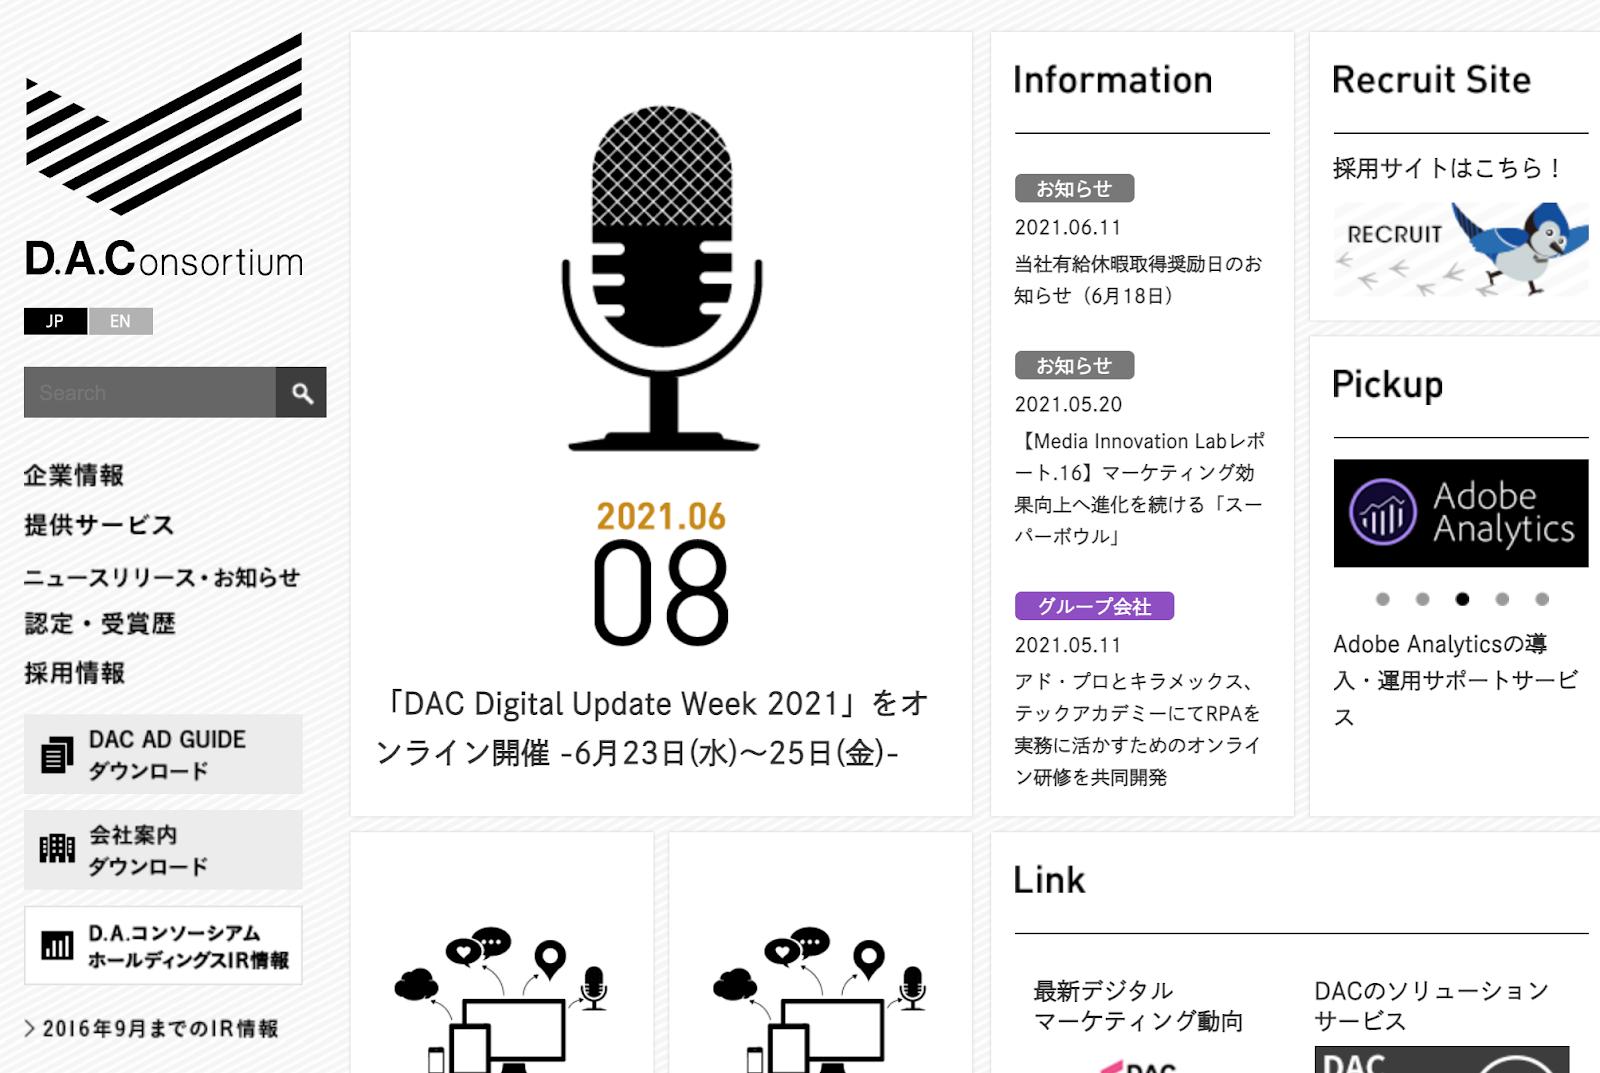 DACのウェブサイト